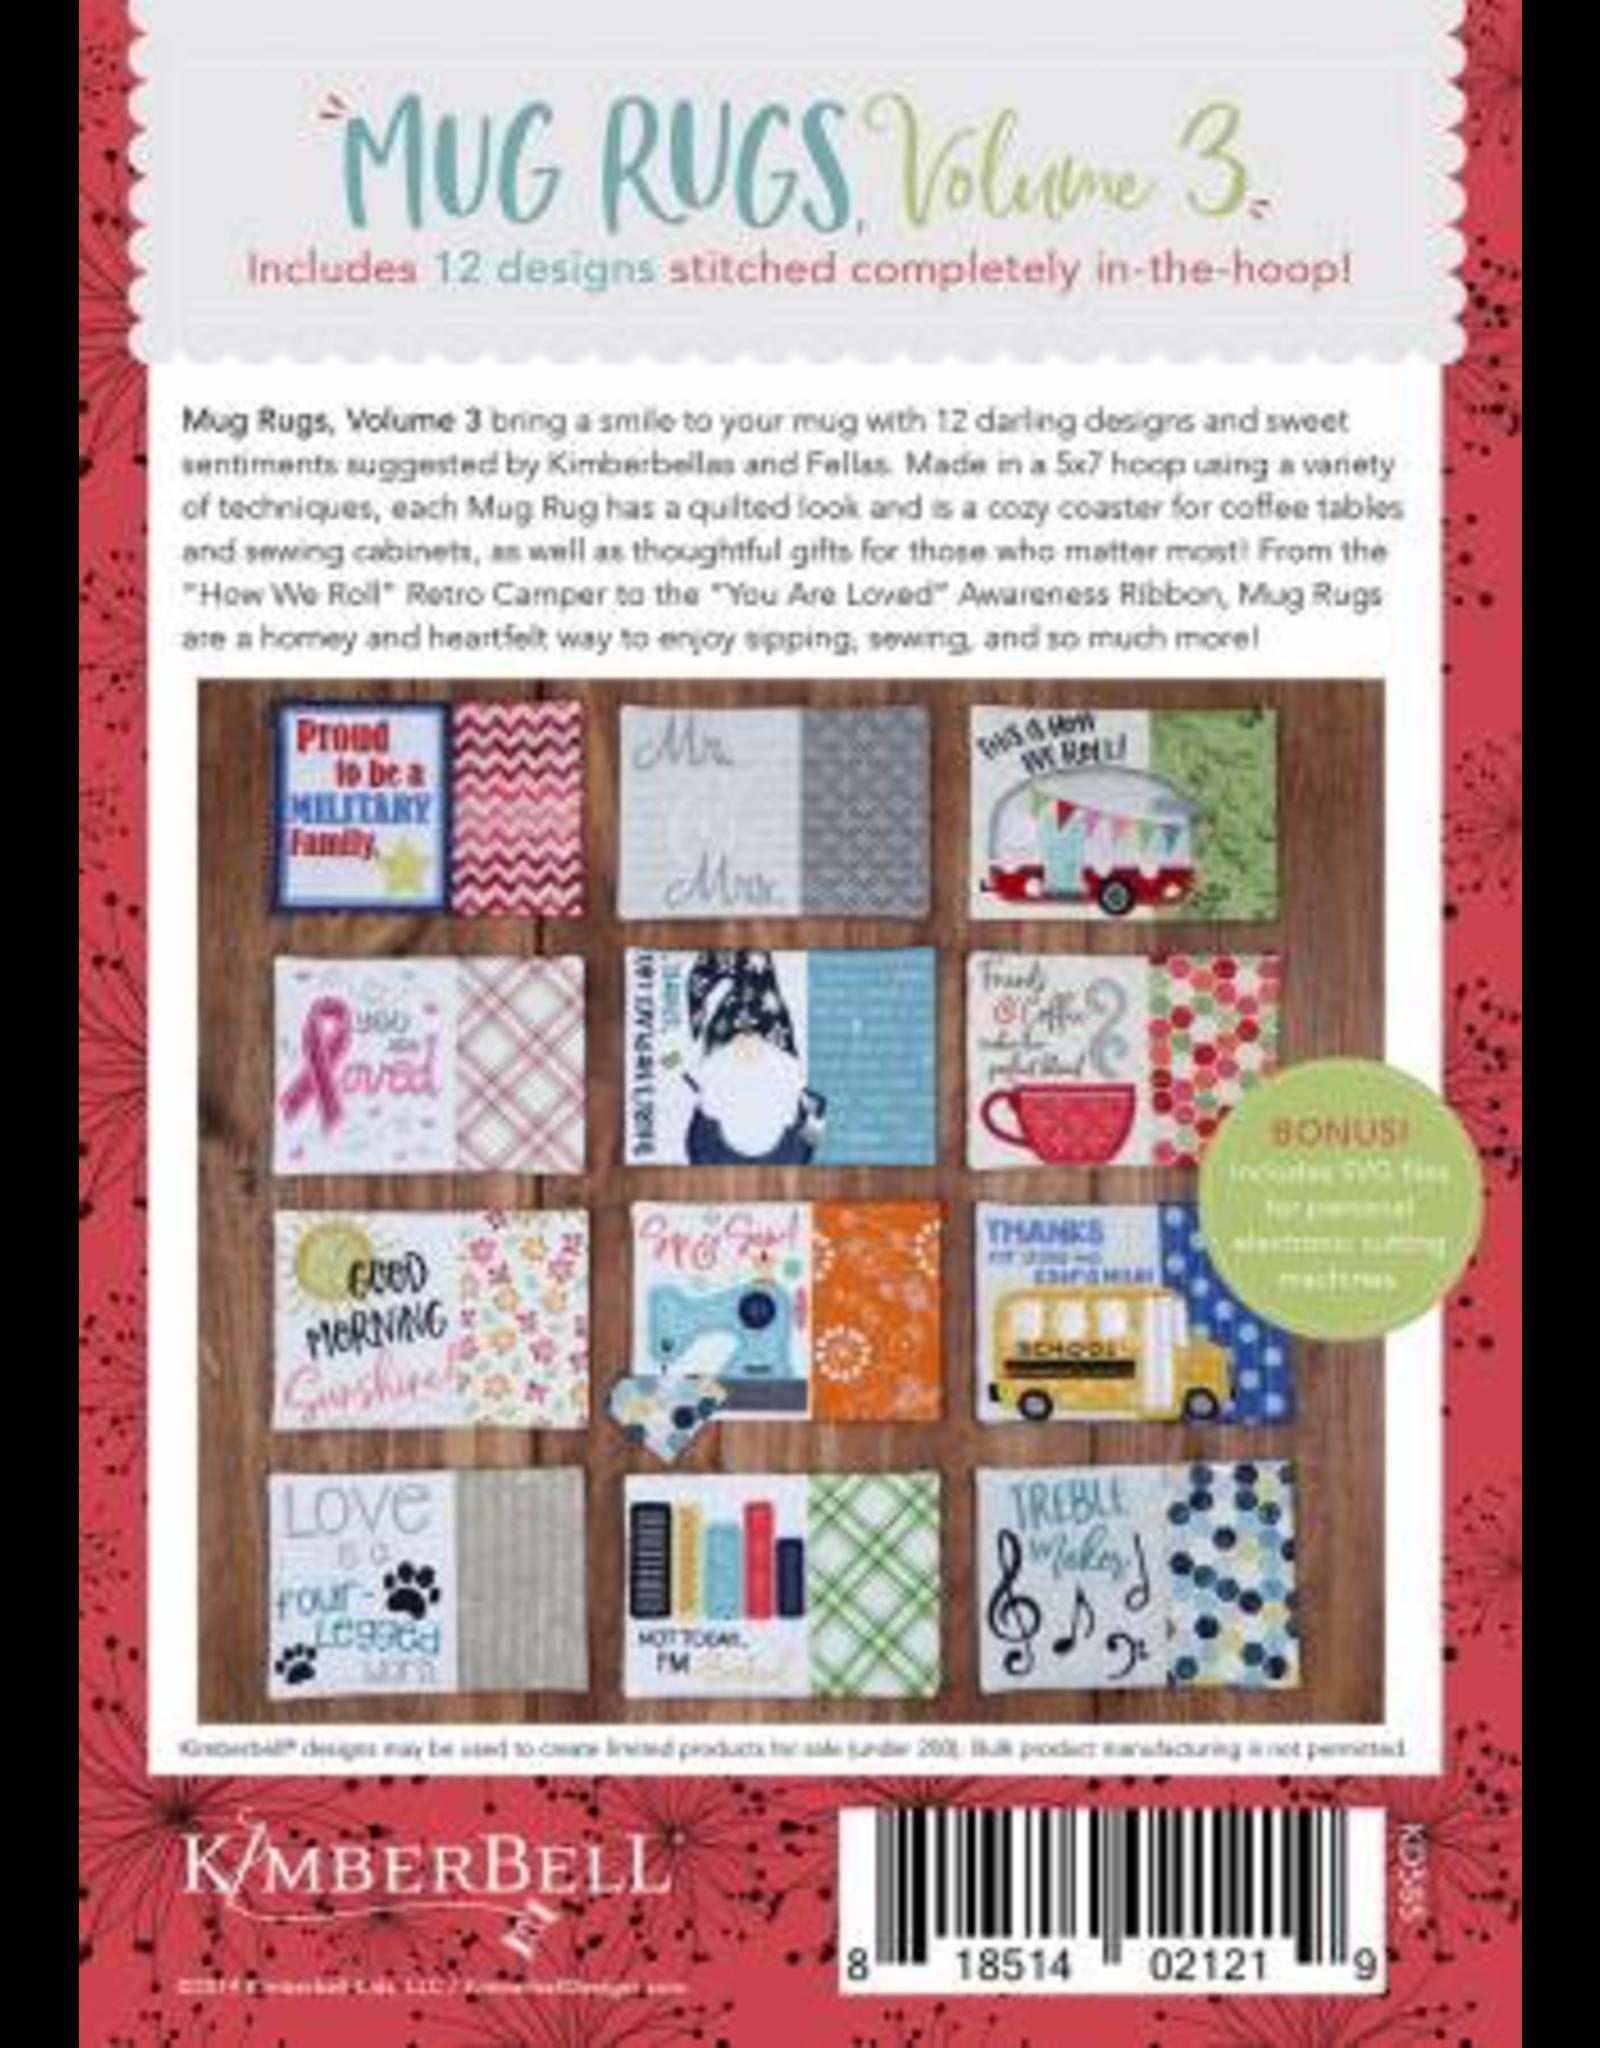 Kimberbell Holiday & Seasonal Mug Rugs, Volume 3